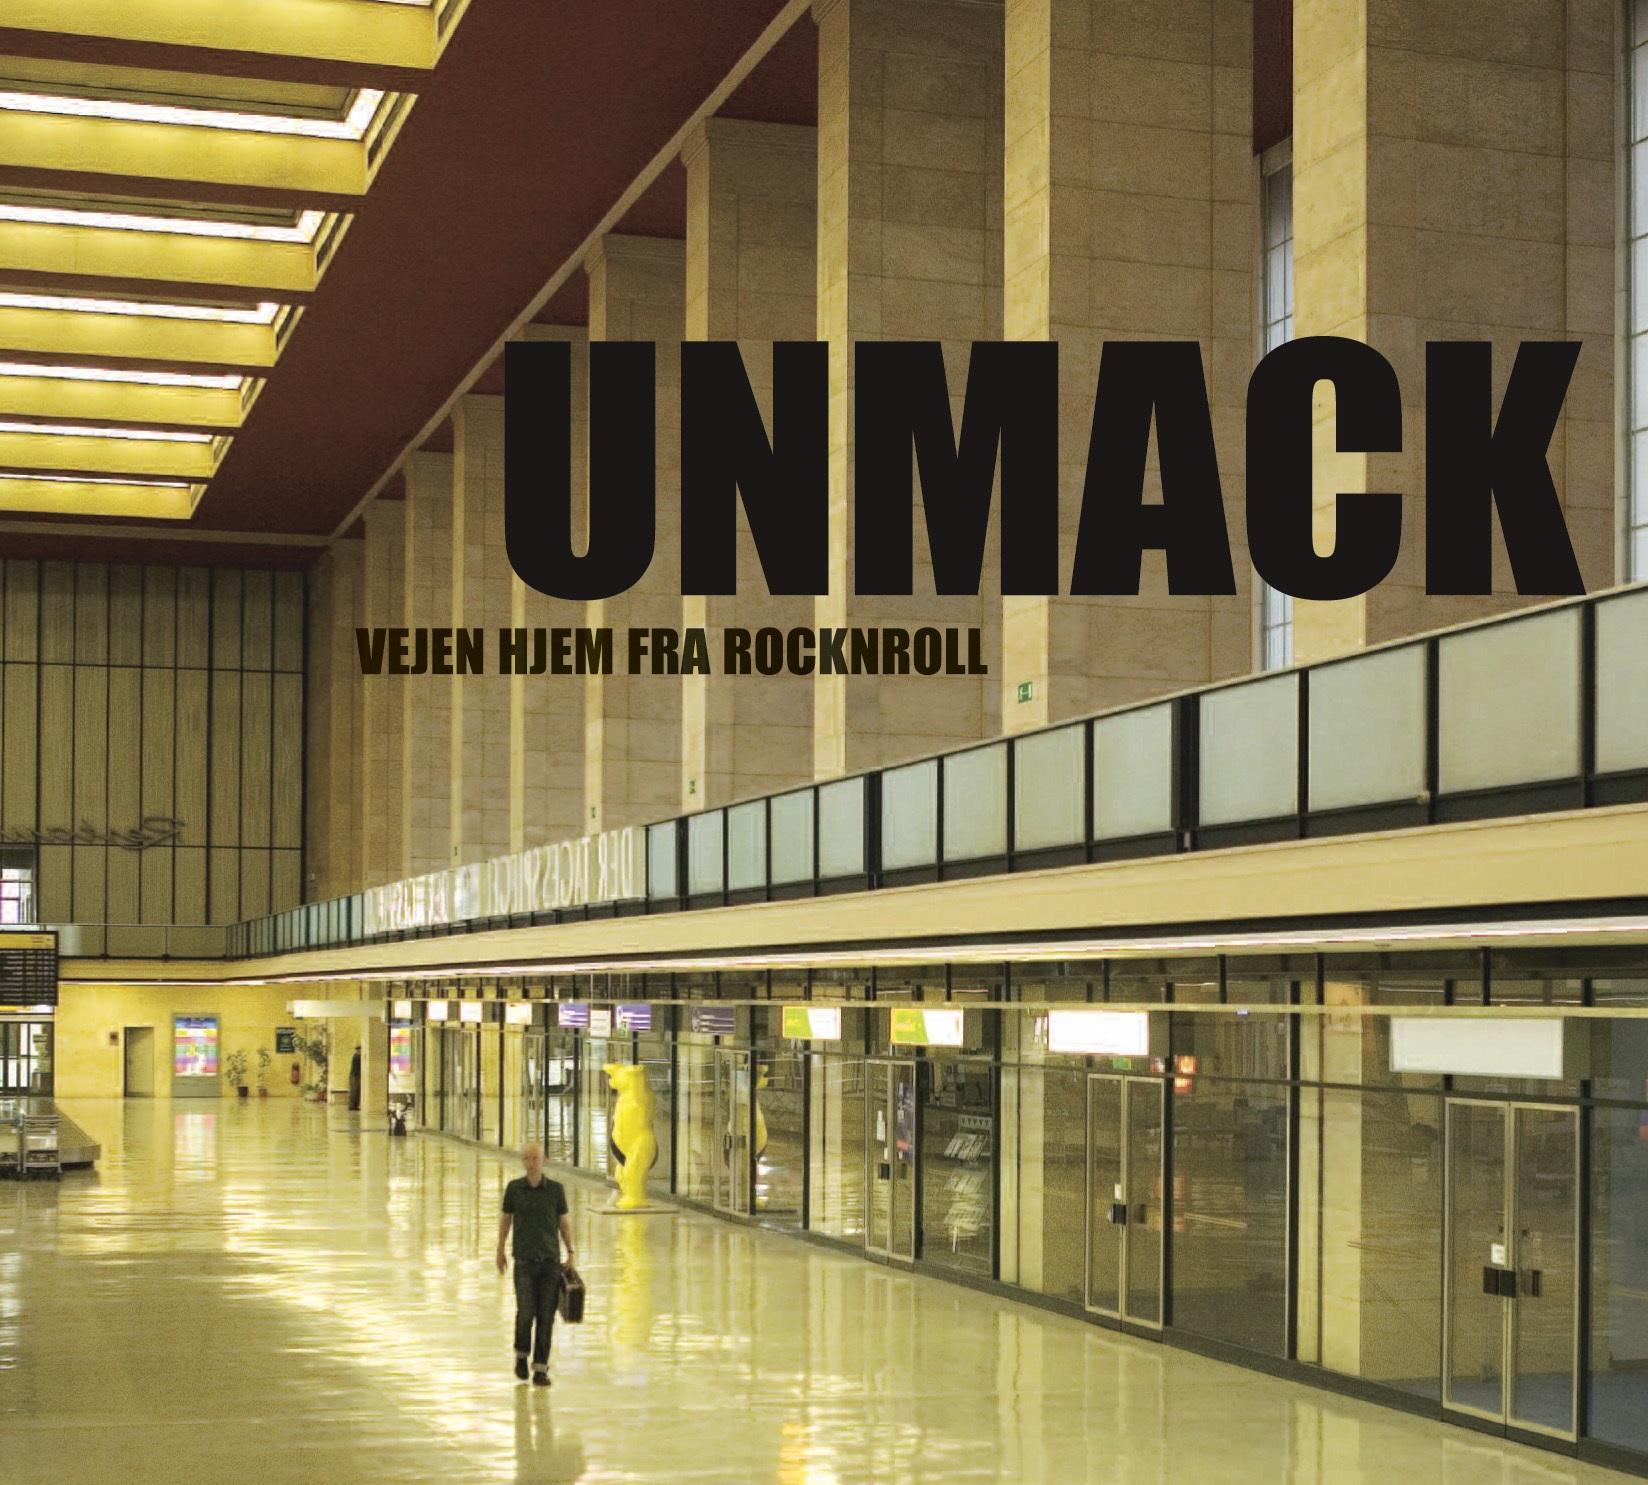 Vejen Hjem fra Rocknroll - Jens Unmack - Musik -  - 7332181081831 - November 3, 2017